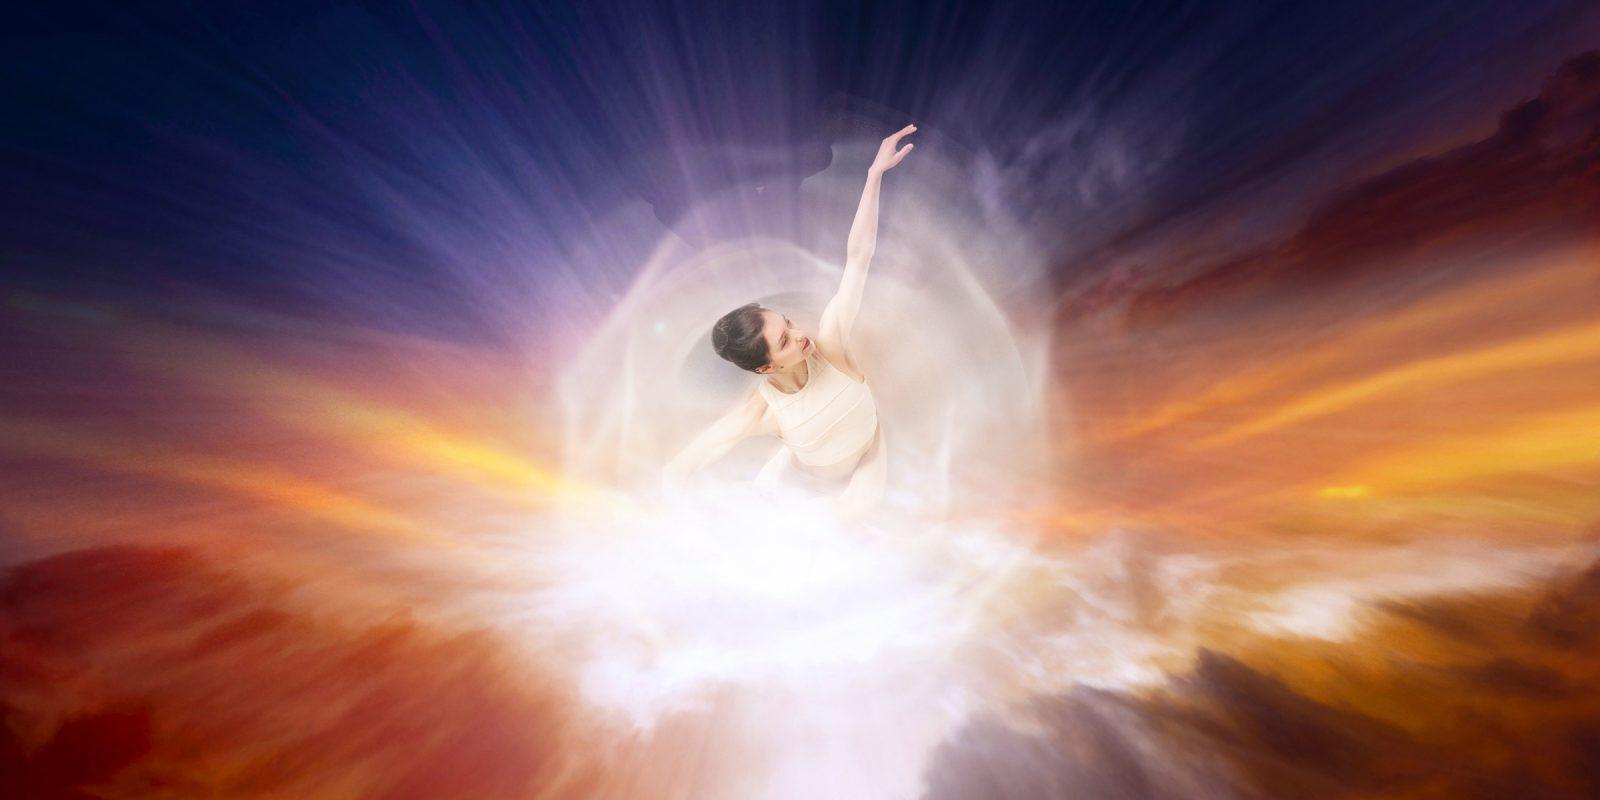 Dancer in beams of light